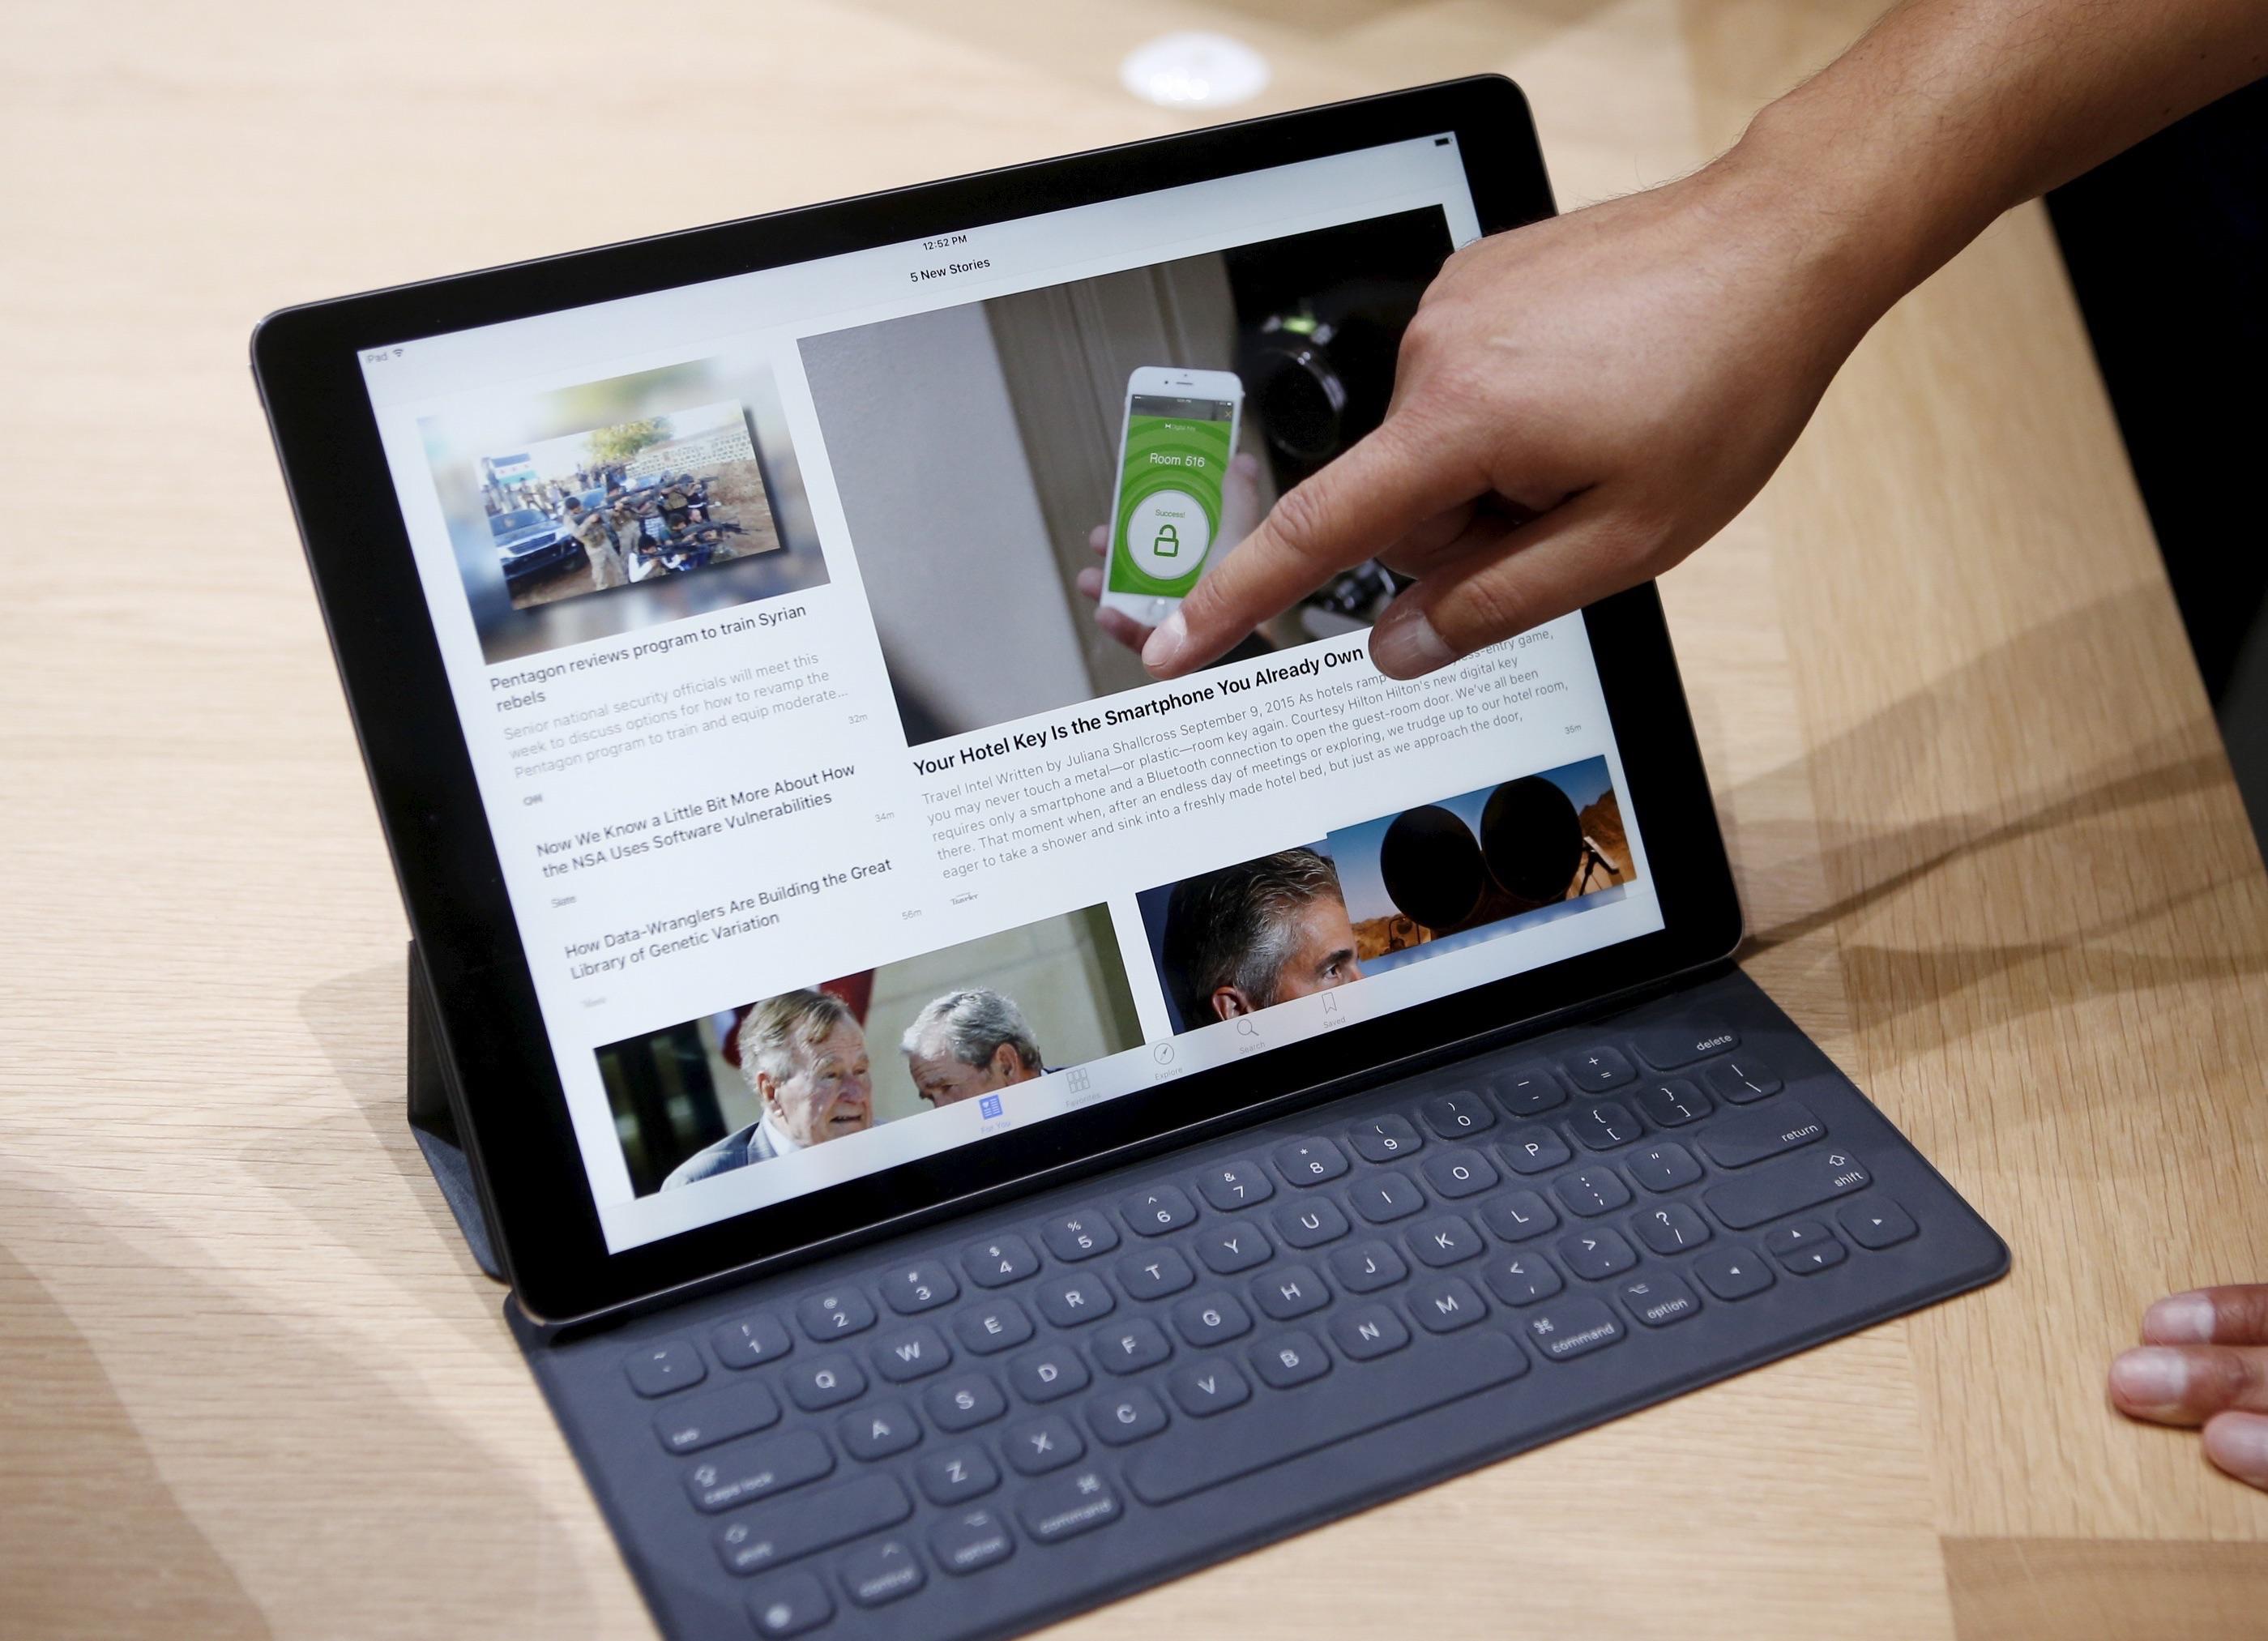 [MAJ] Le nouvel iPad Pro profite déjà d'une mise à jour vers iOS 9.1